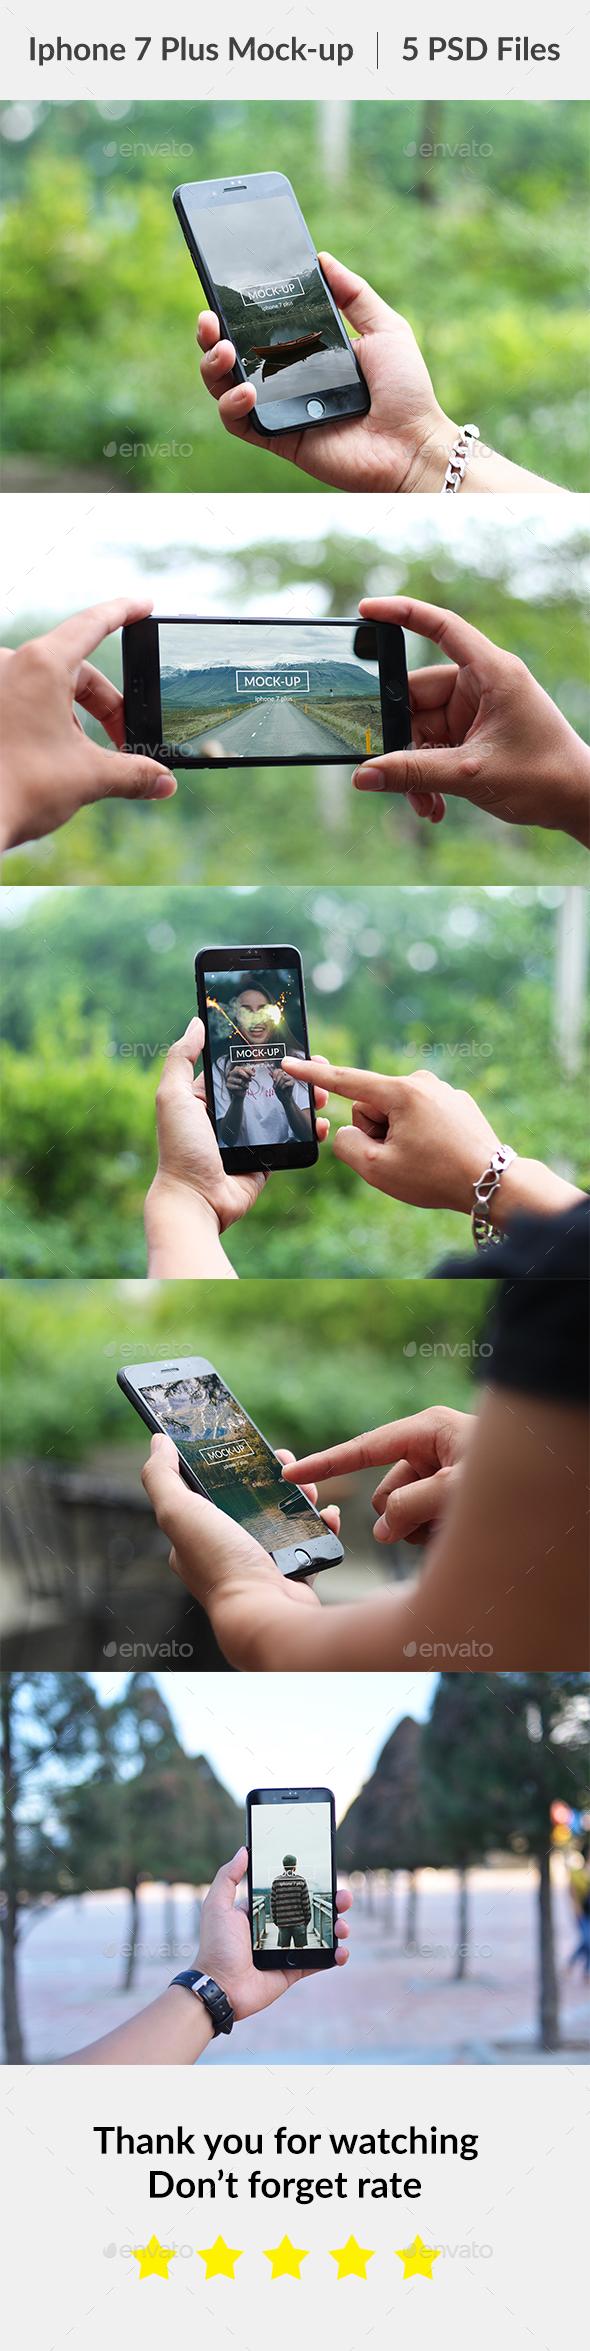 Phone 7 Plus Hand on Mockup - Mobile Displays